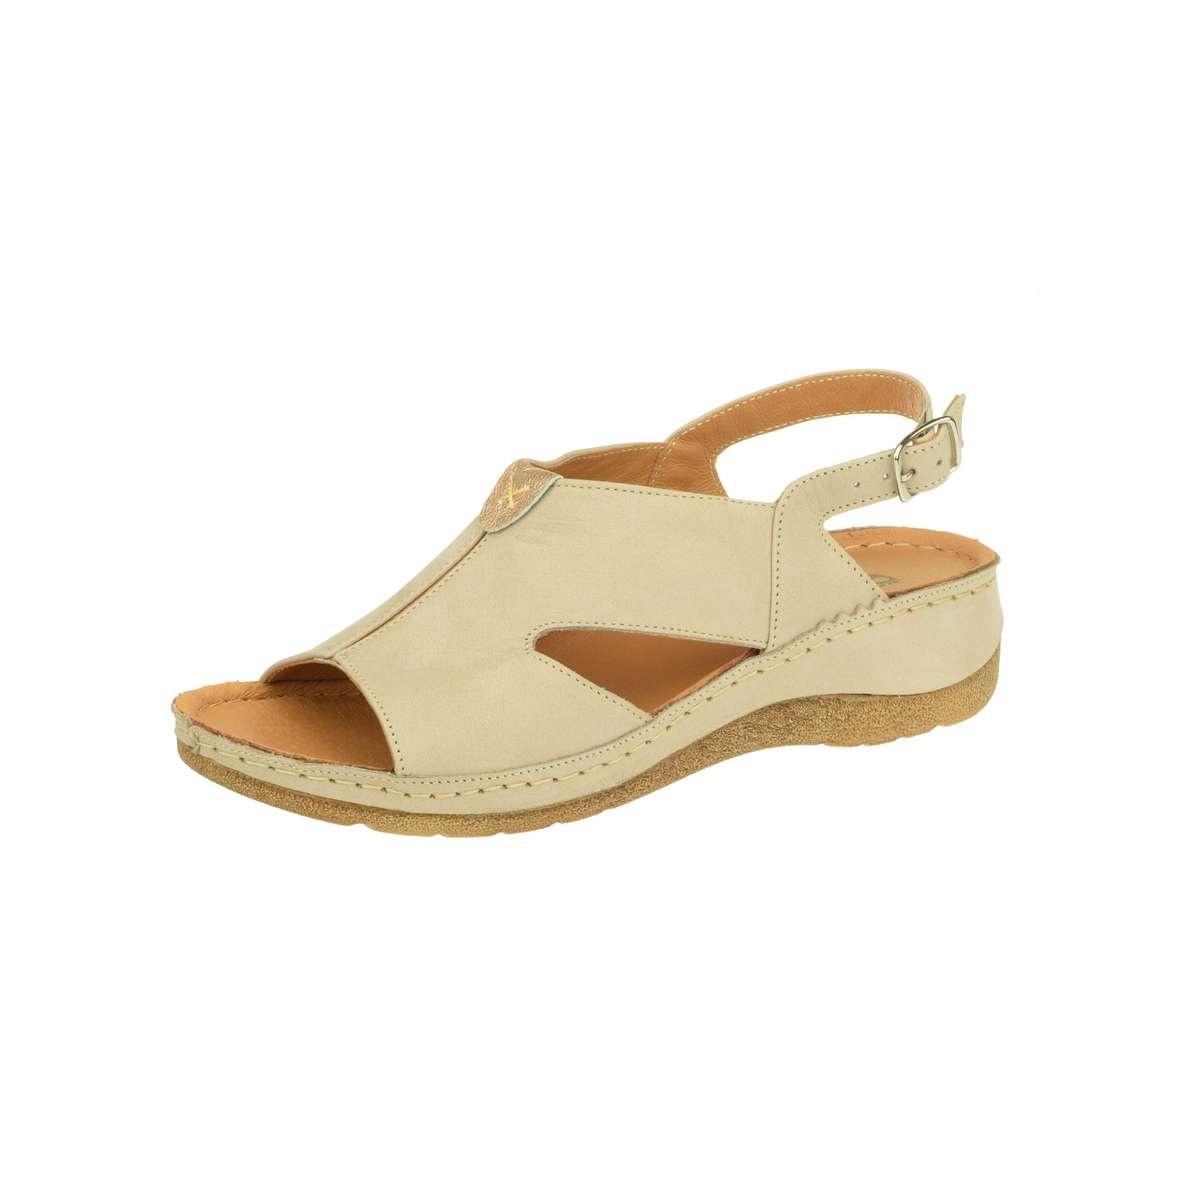 8e7faf564116 Dámská vycházková sandálka KA K94-7